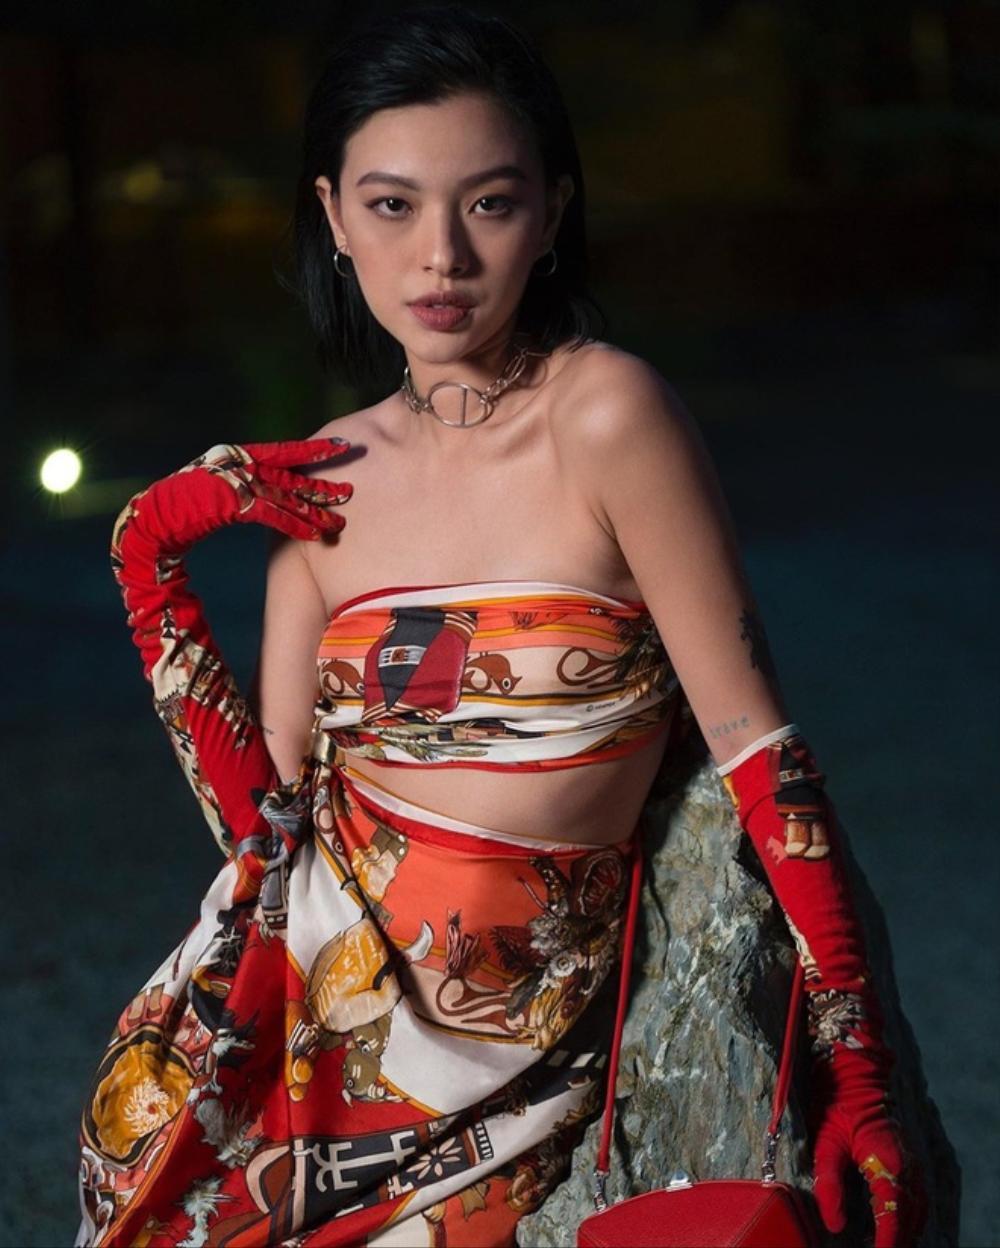 Sao Việt bao phen liều lĩnh quấn khăn làm áo, Ngọc Trinh từng gây 'náo loạn' sân bay Ảnh 13